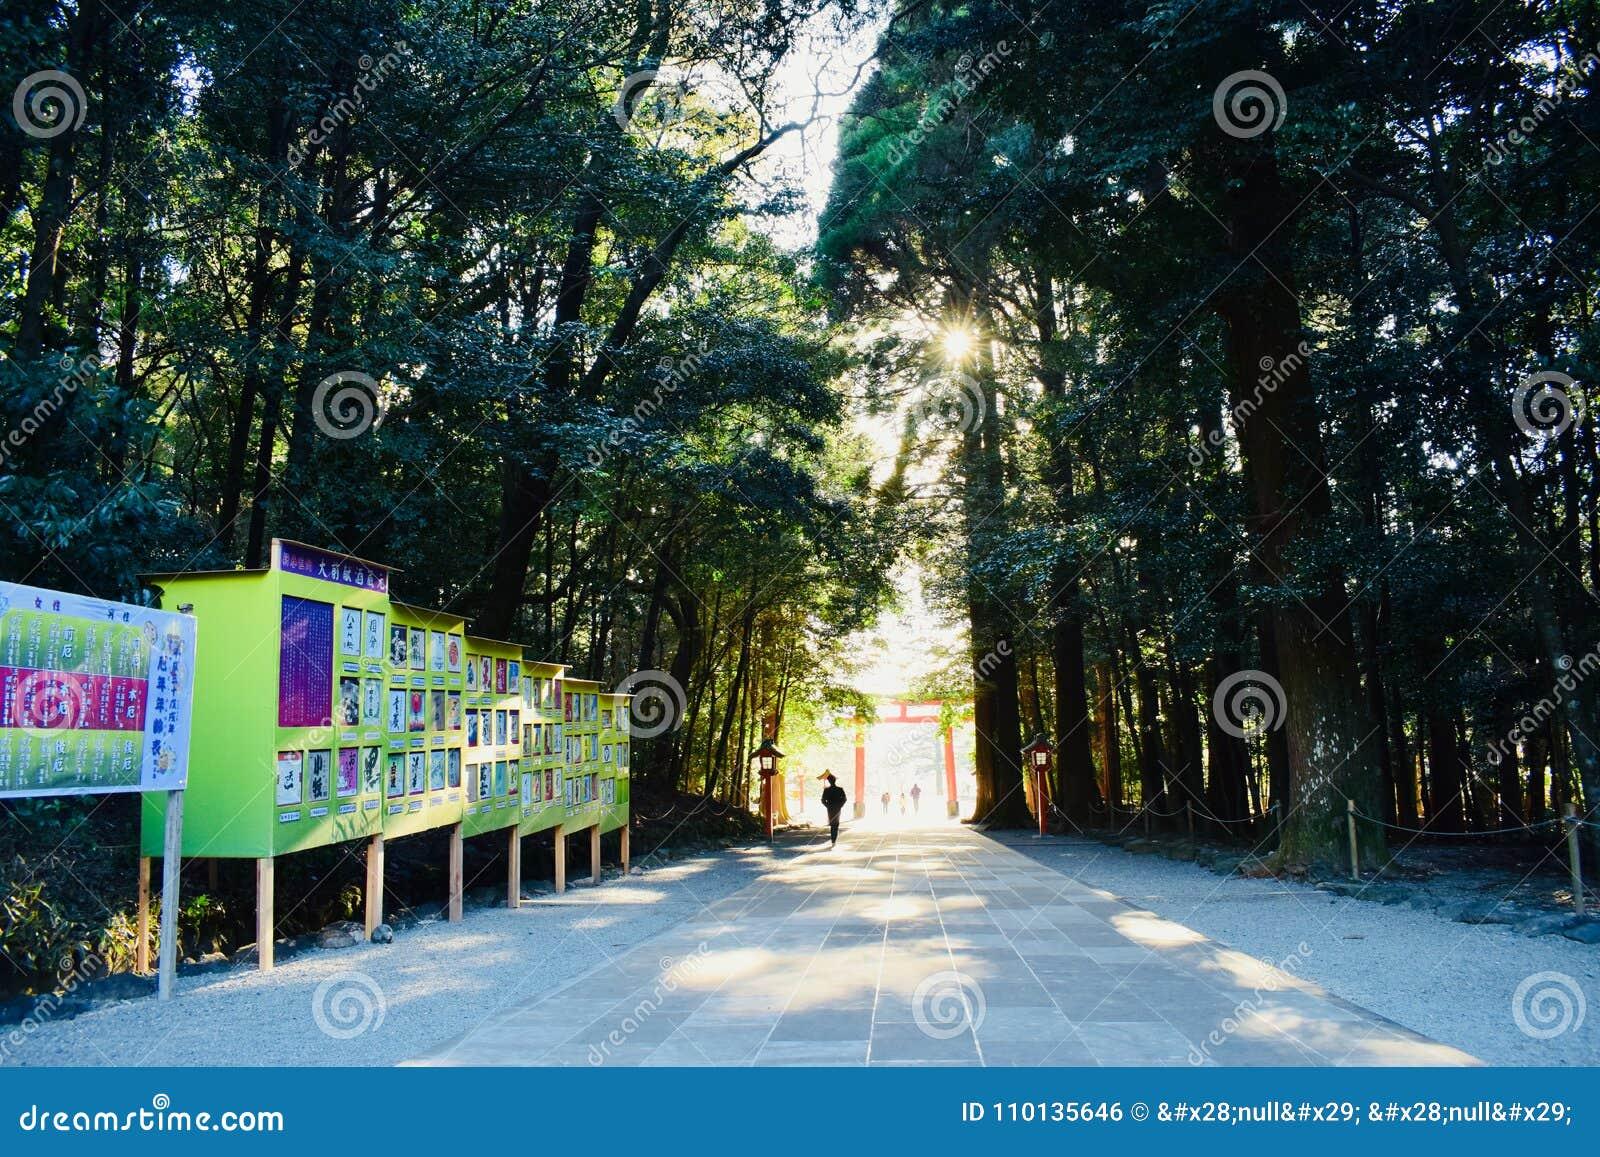 Portone di un tempio a Kagoshima, Giappone, con molti alberi verdi